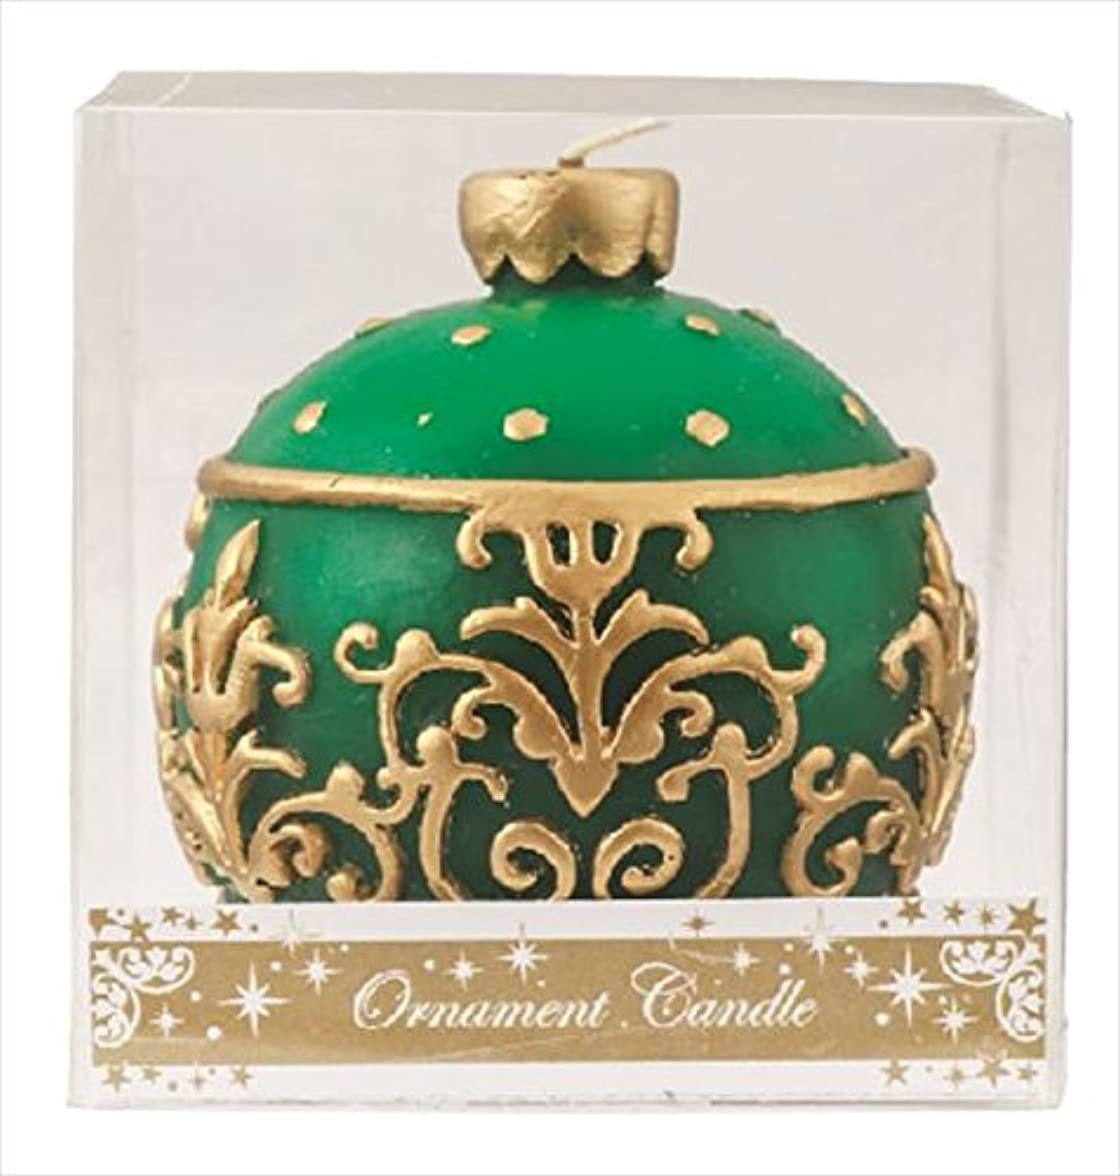 黒古くなった妊娠したカメヤマキャンドル(kameyama candle) オーナメントキャンドル 「 グリーン 」